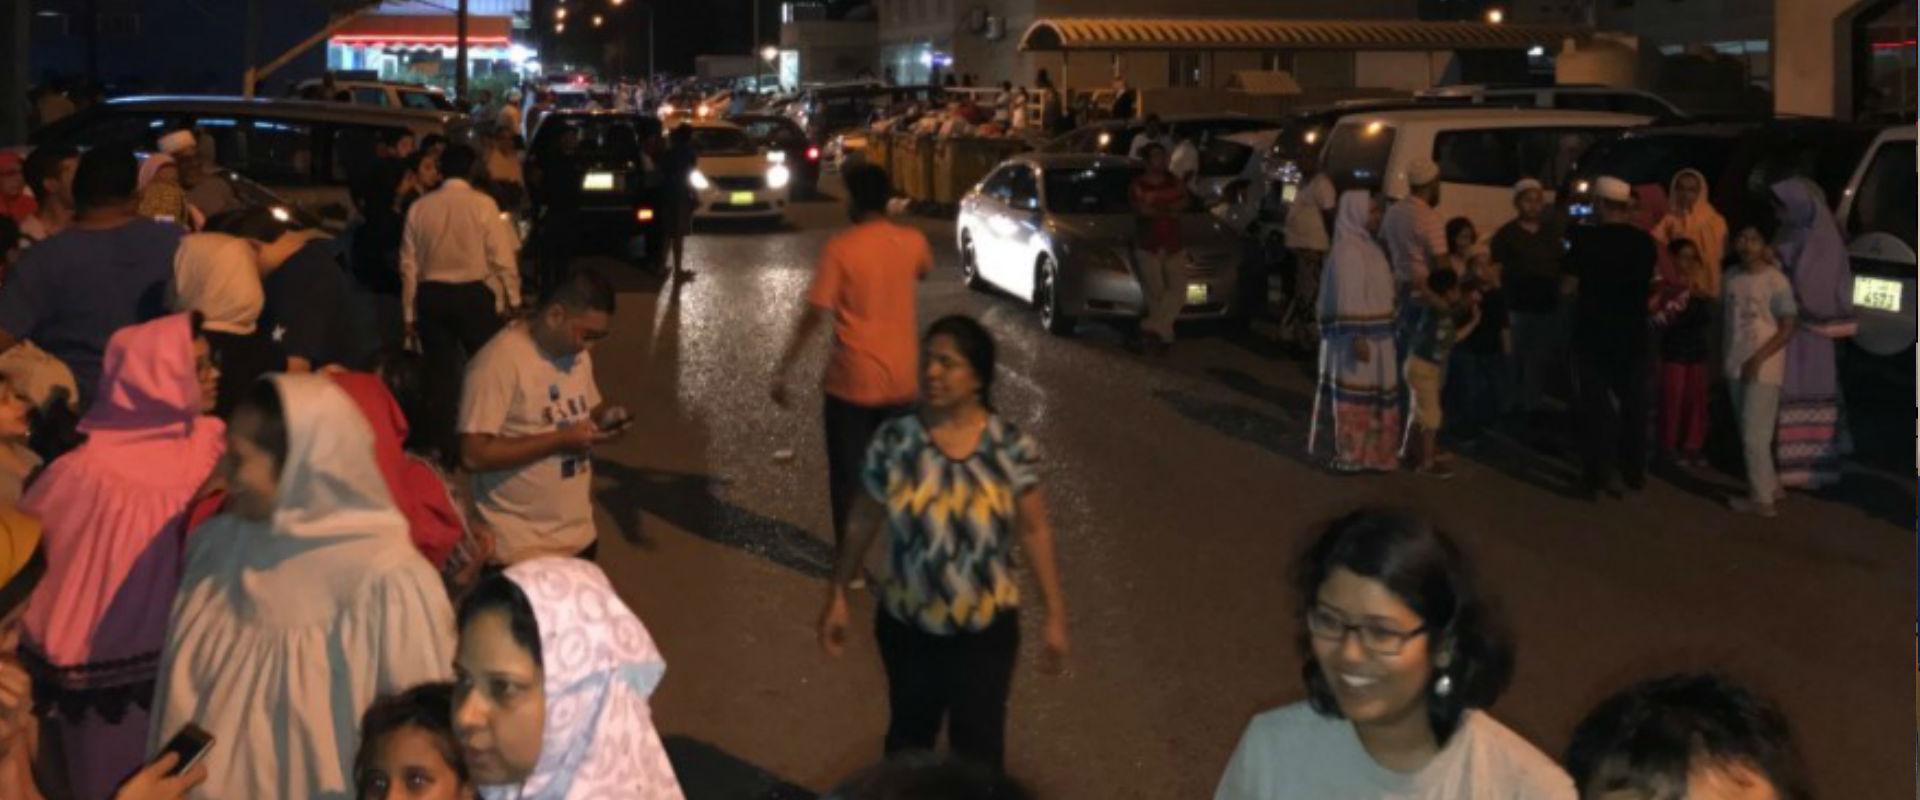 תושבים נמלטים בעקבות רעש האדמה בכווית